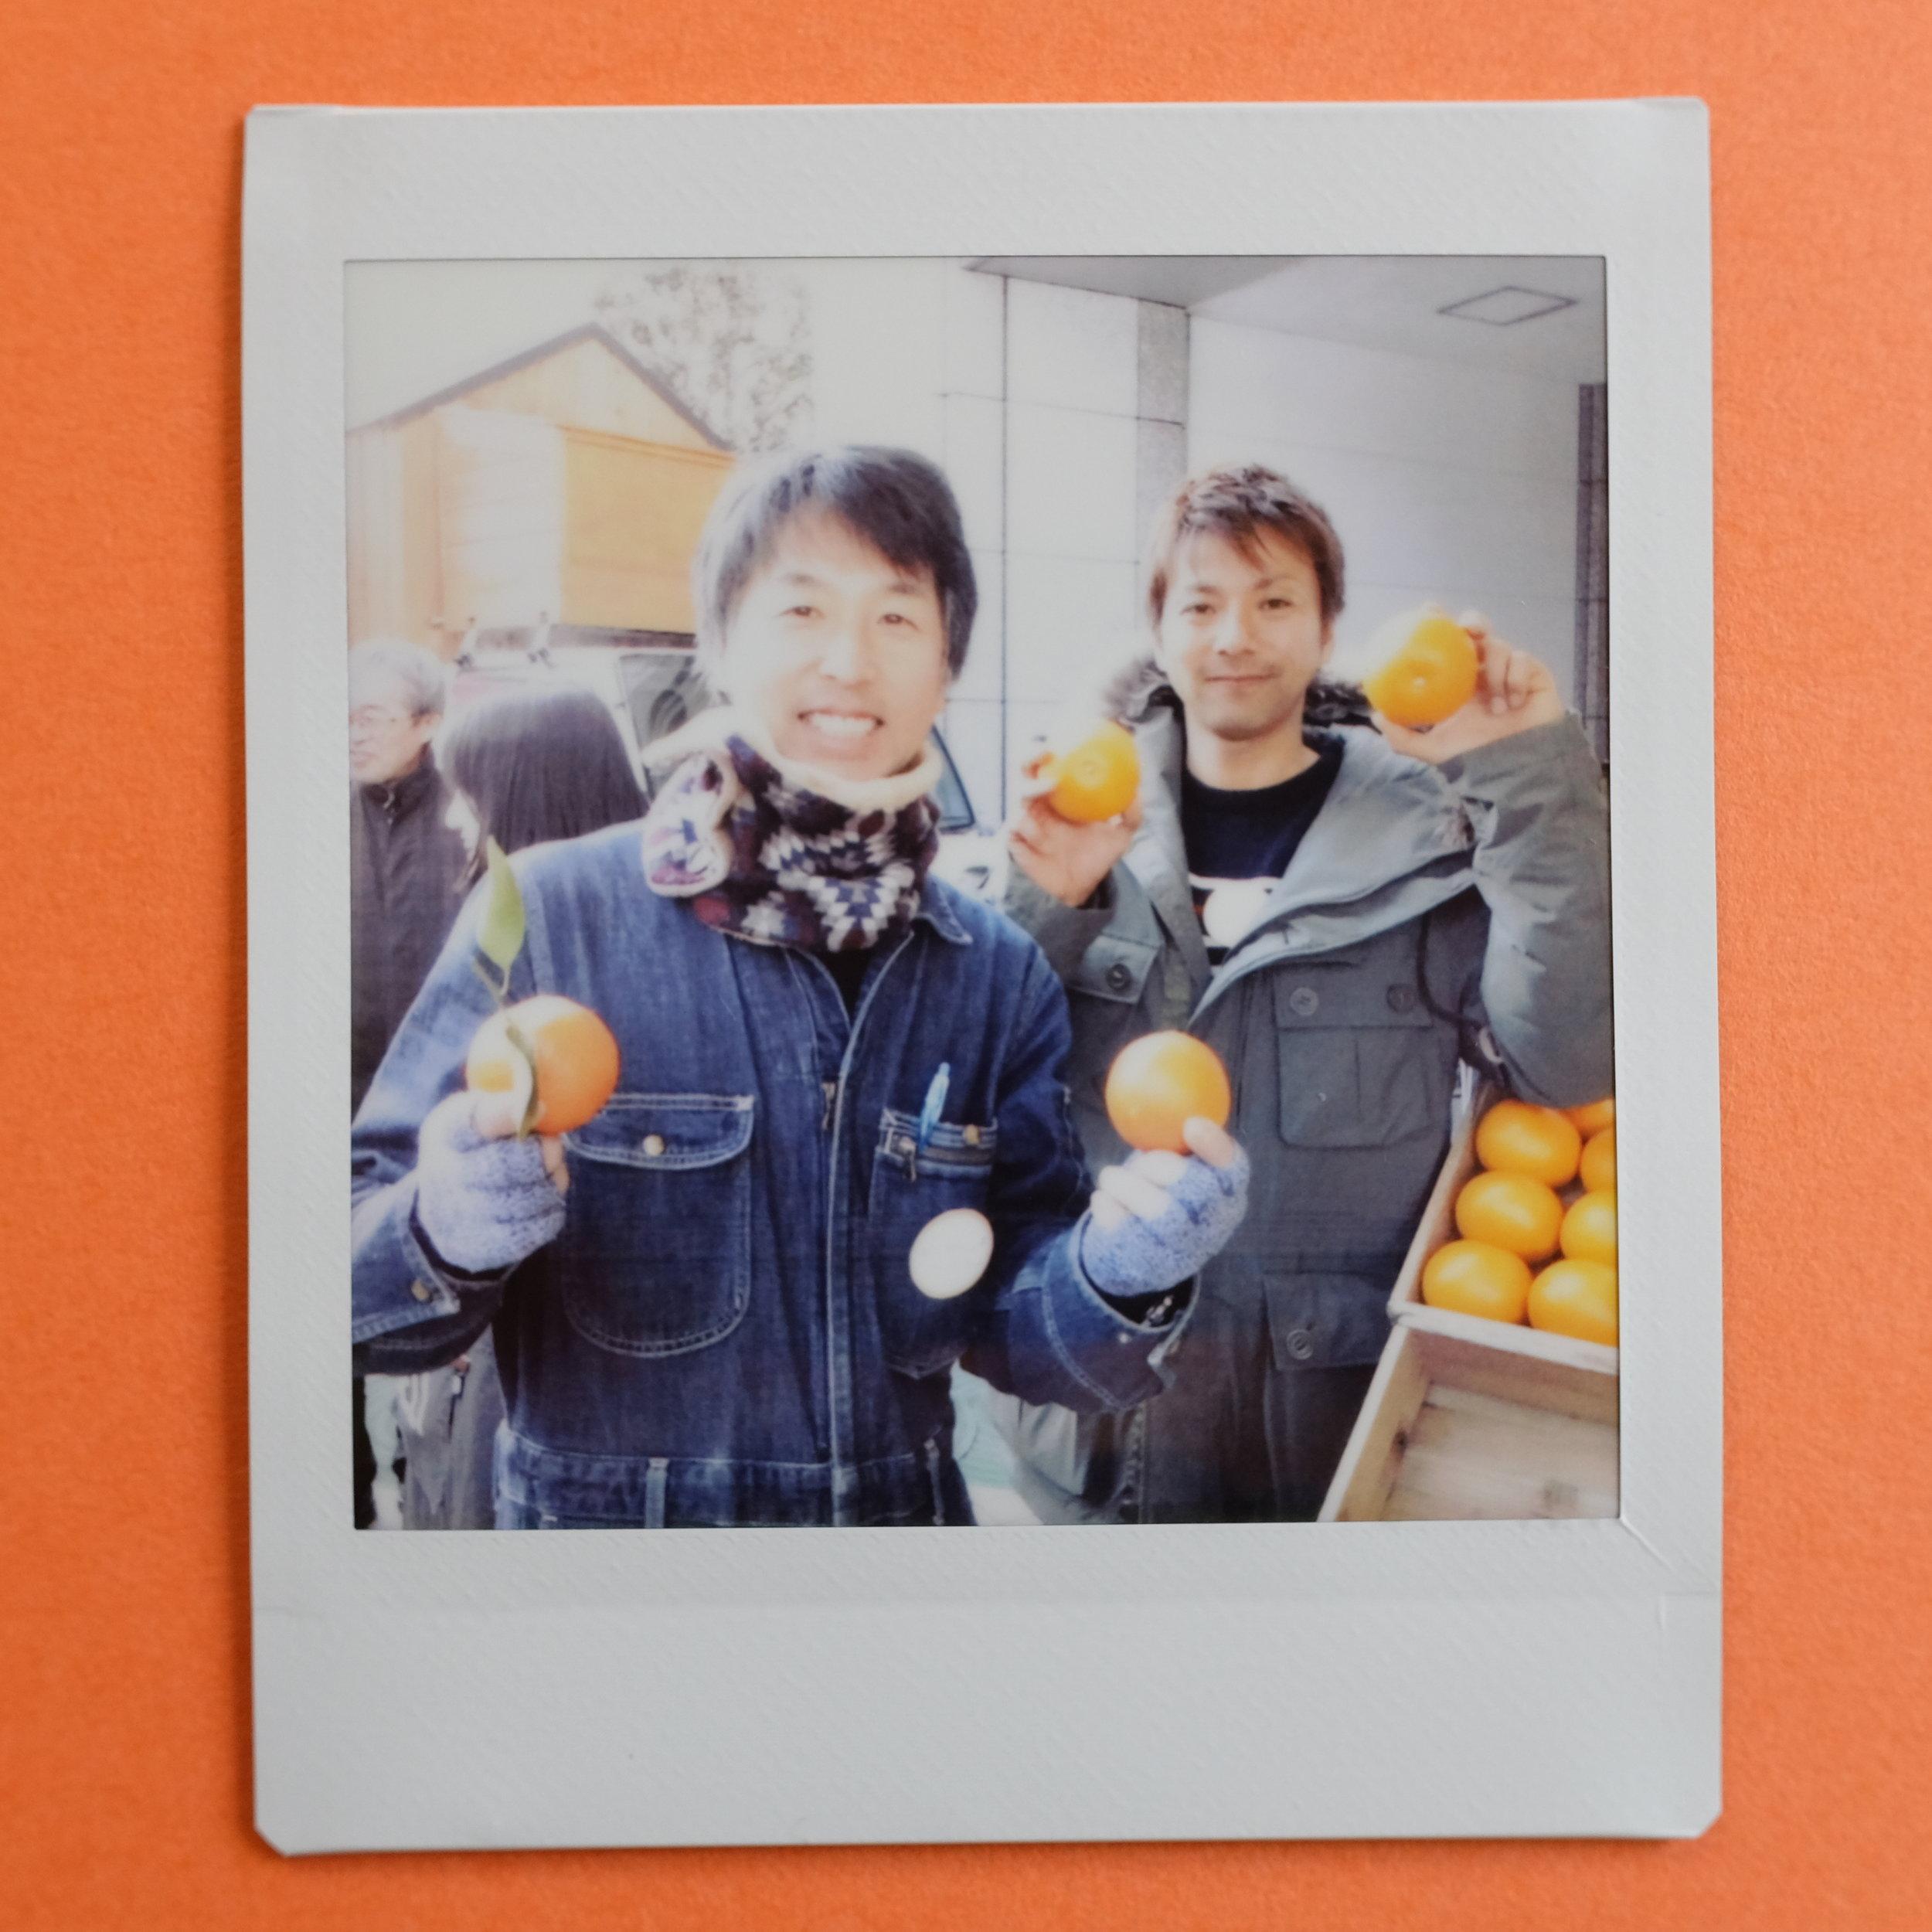 青山のファーマーズマーケットに、和歌山県田辺市の生産者さんたちが出店